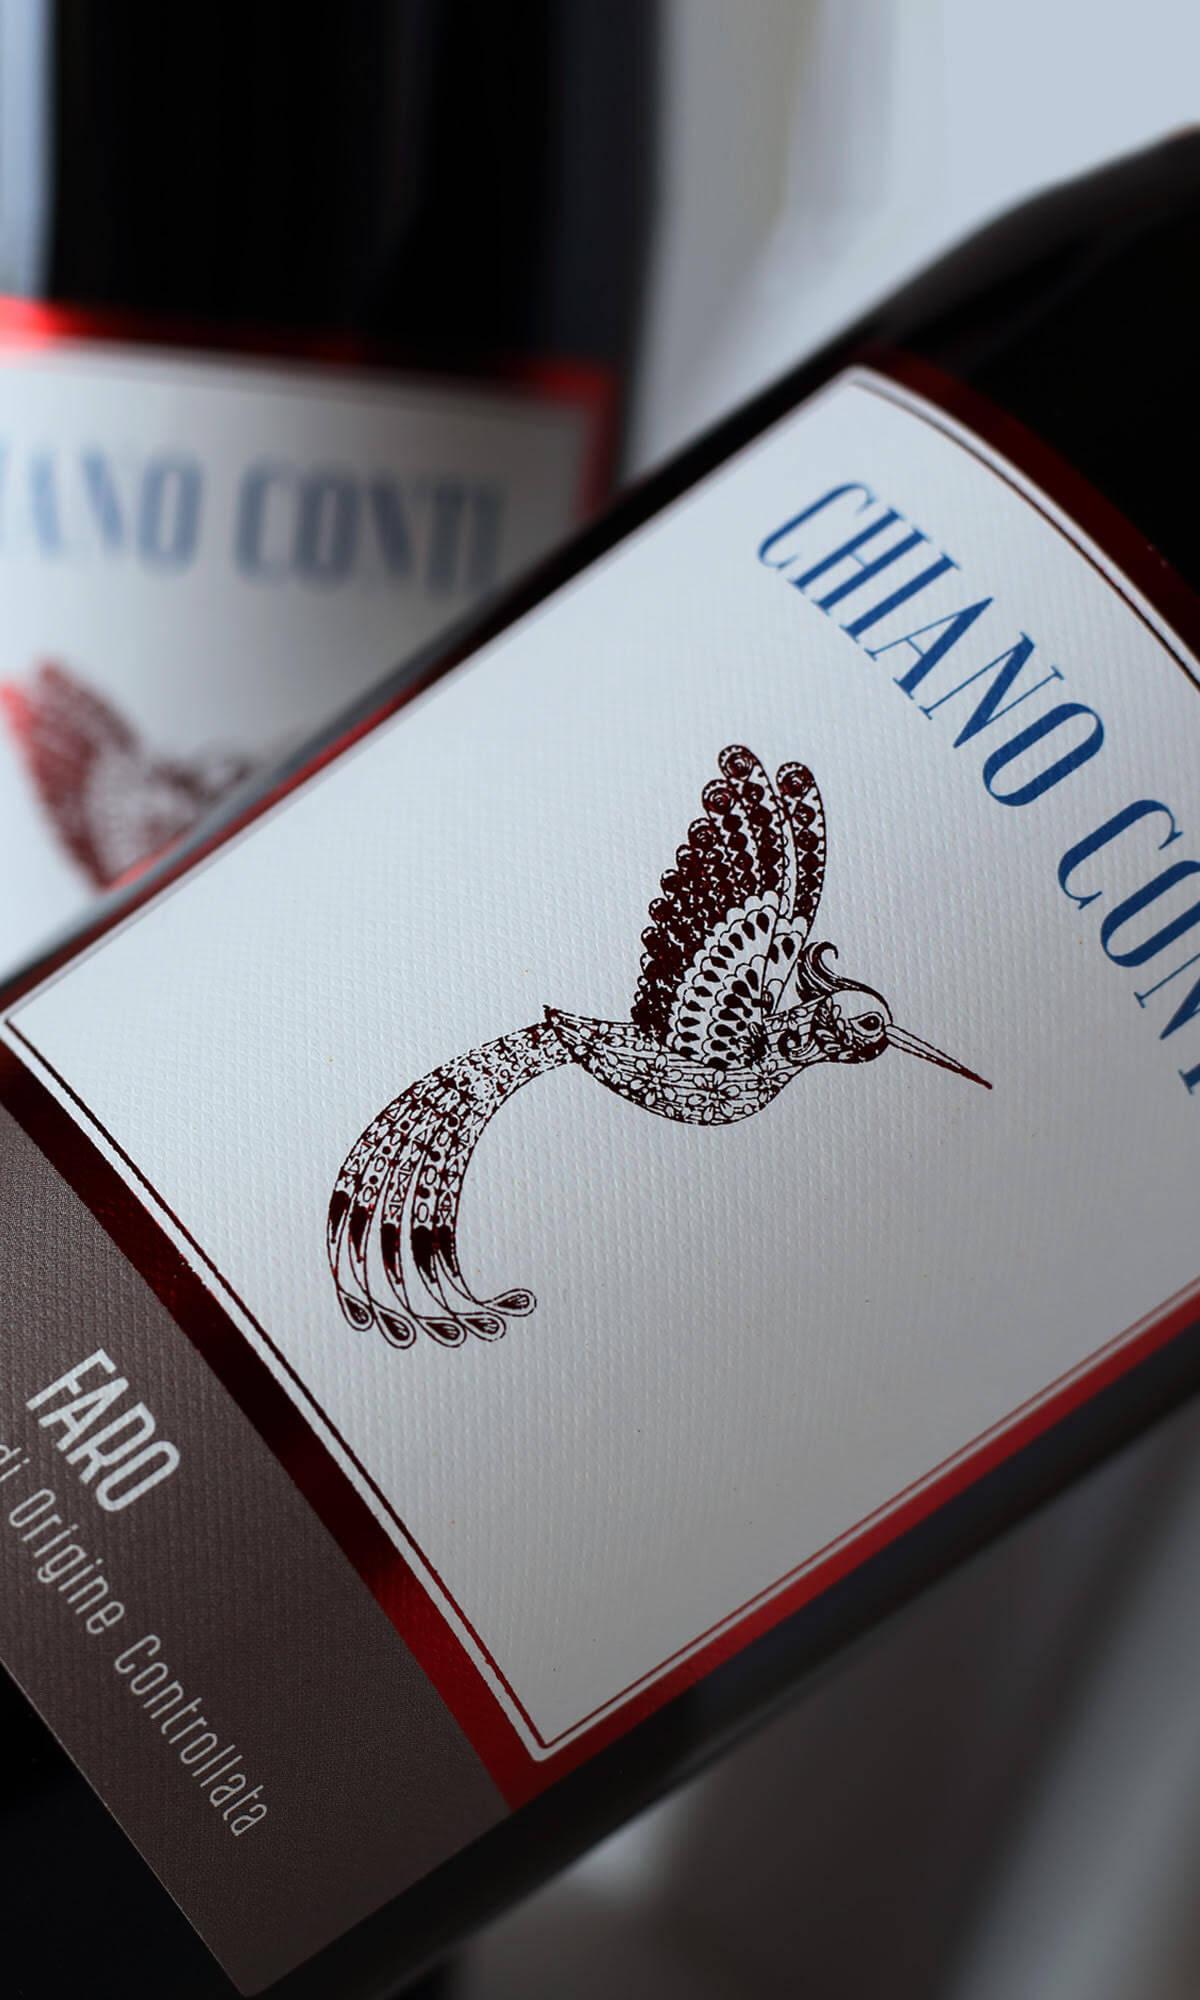 Chiano Conti